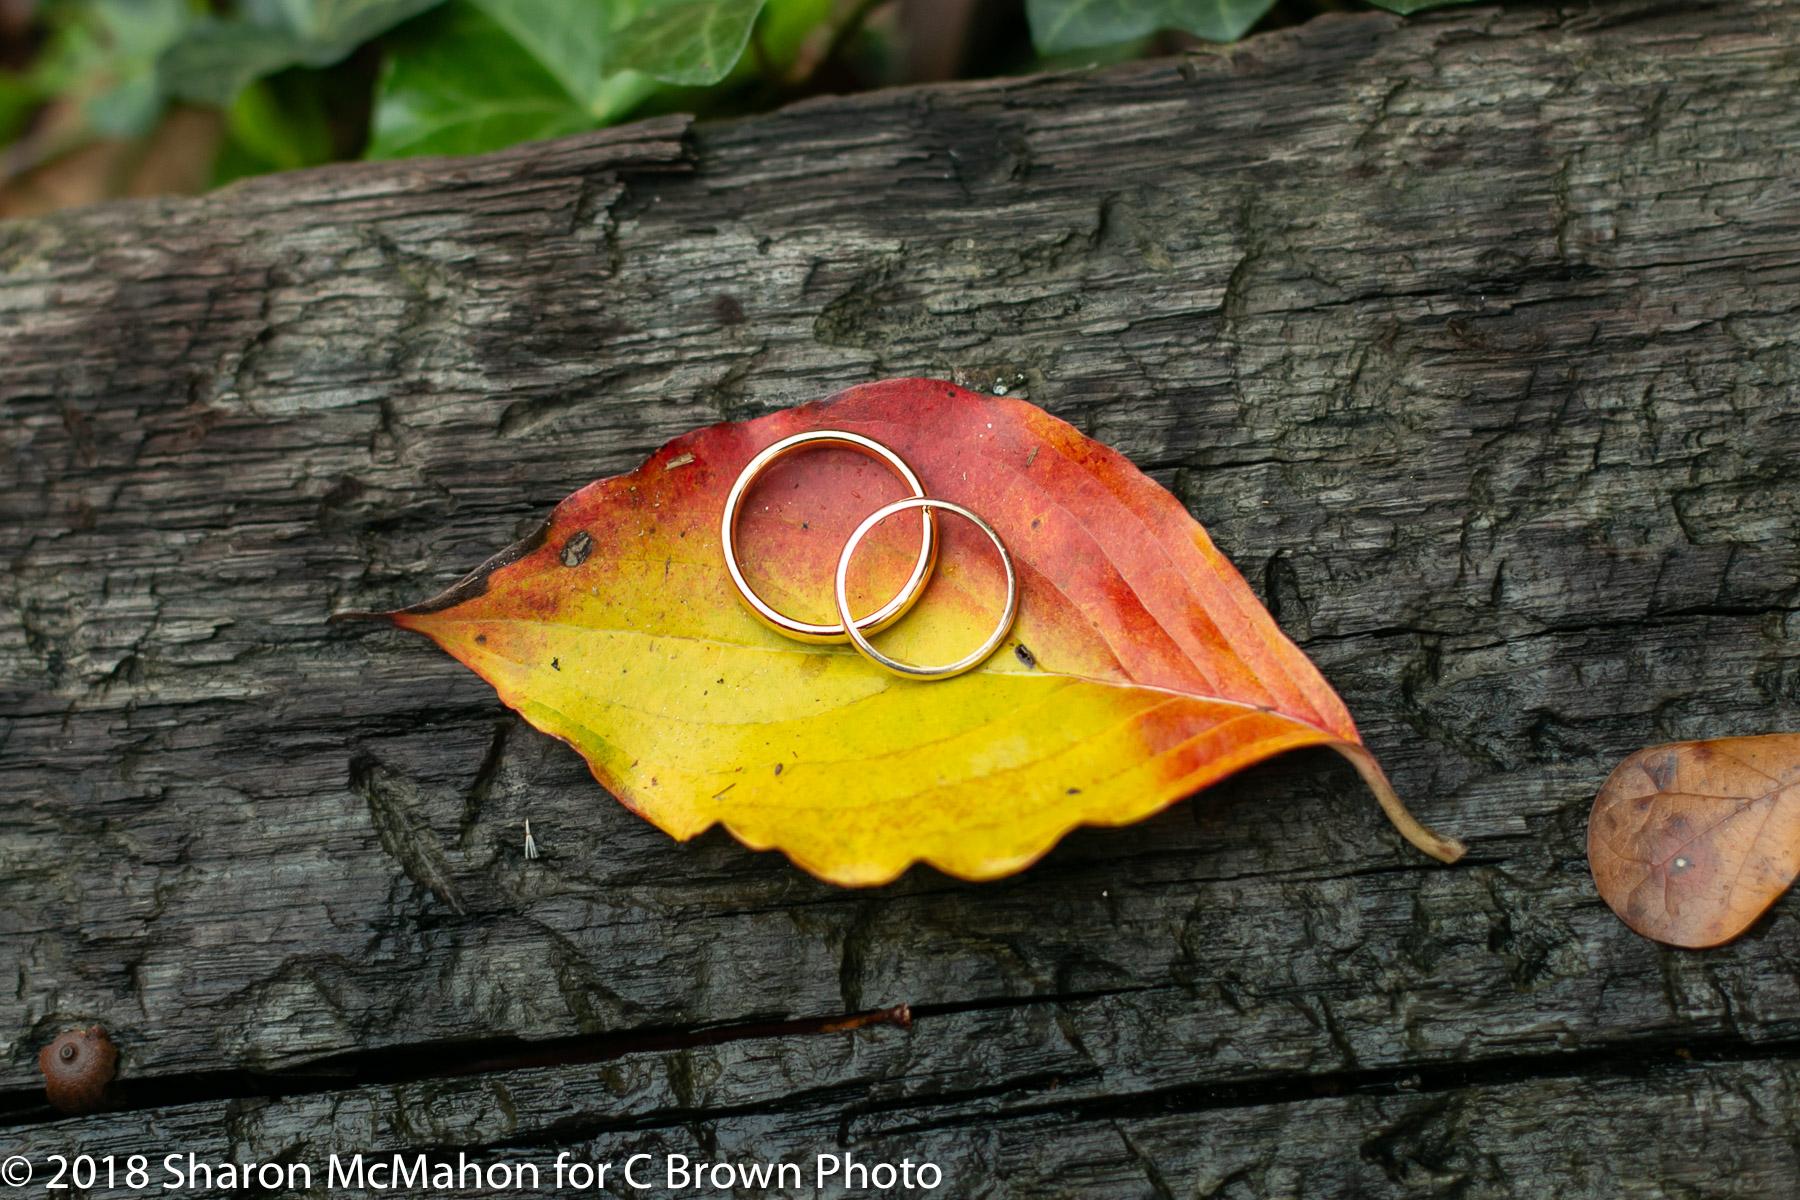 Two-groom-wedding-rings.jpg